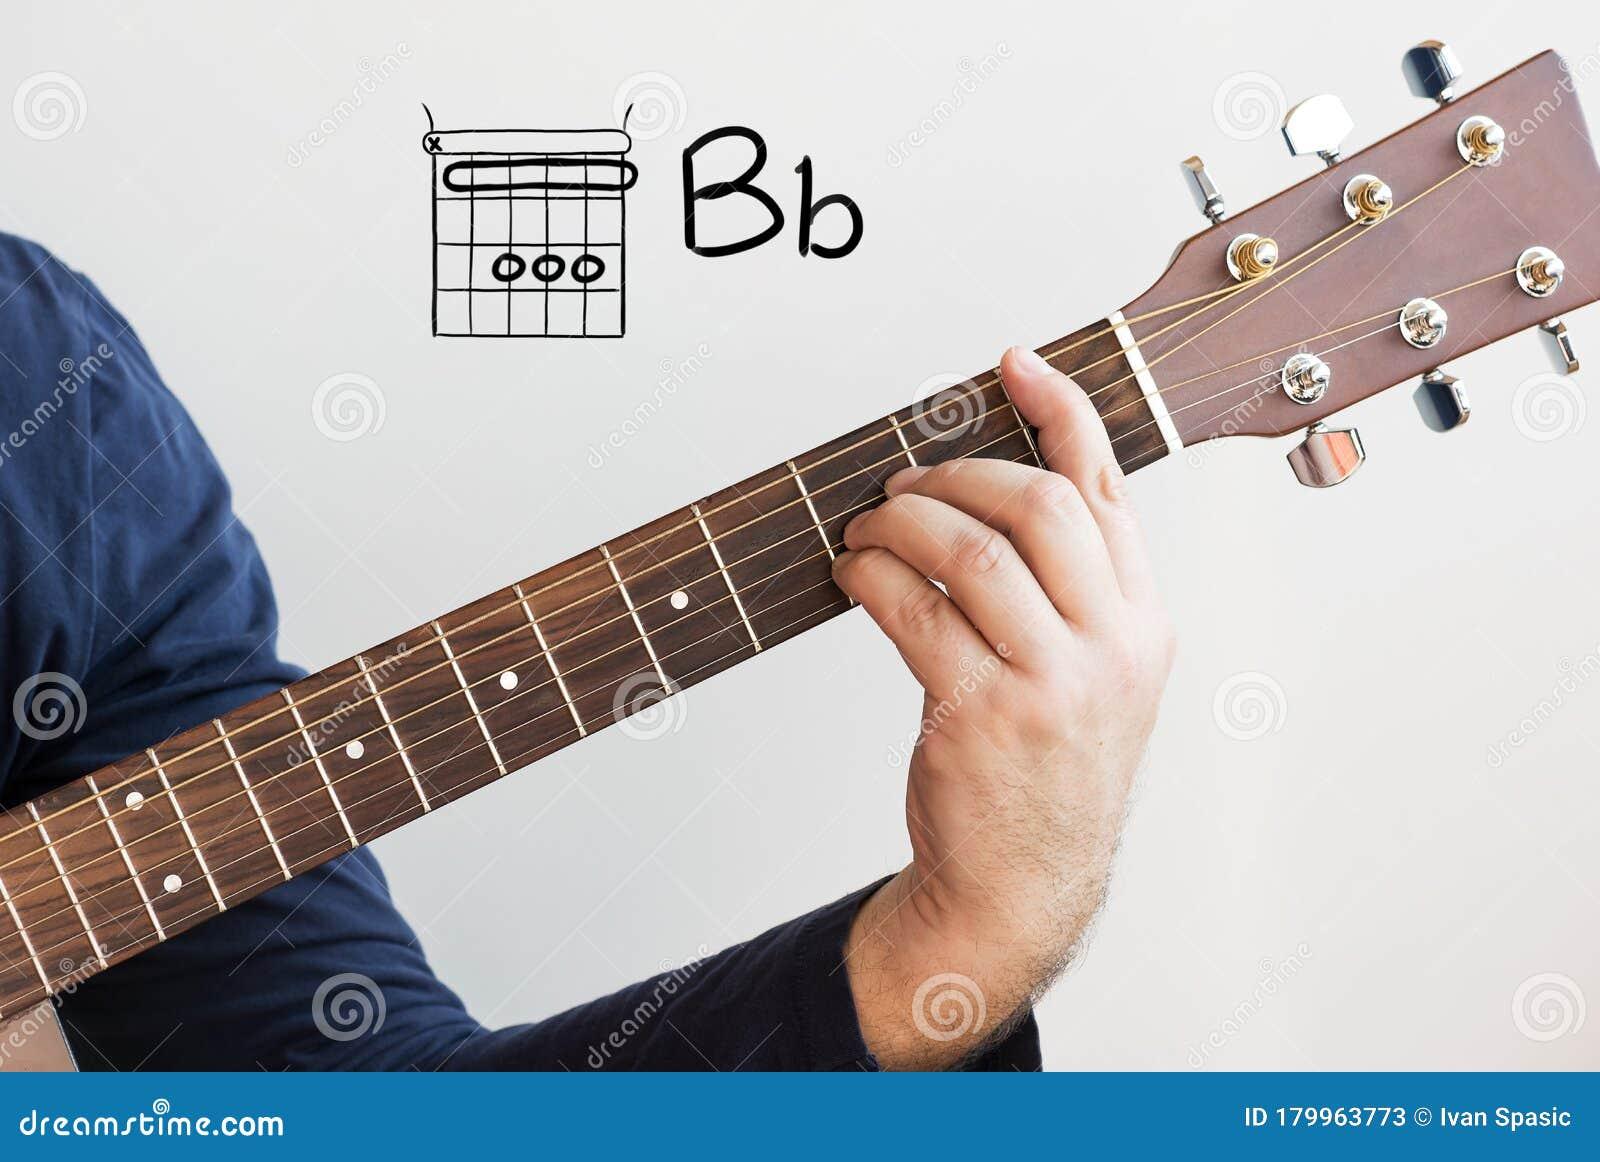 Man Playing Guitar Chords Displayed On Whiteboard, Chord B Flat ...